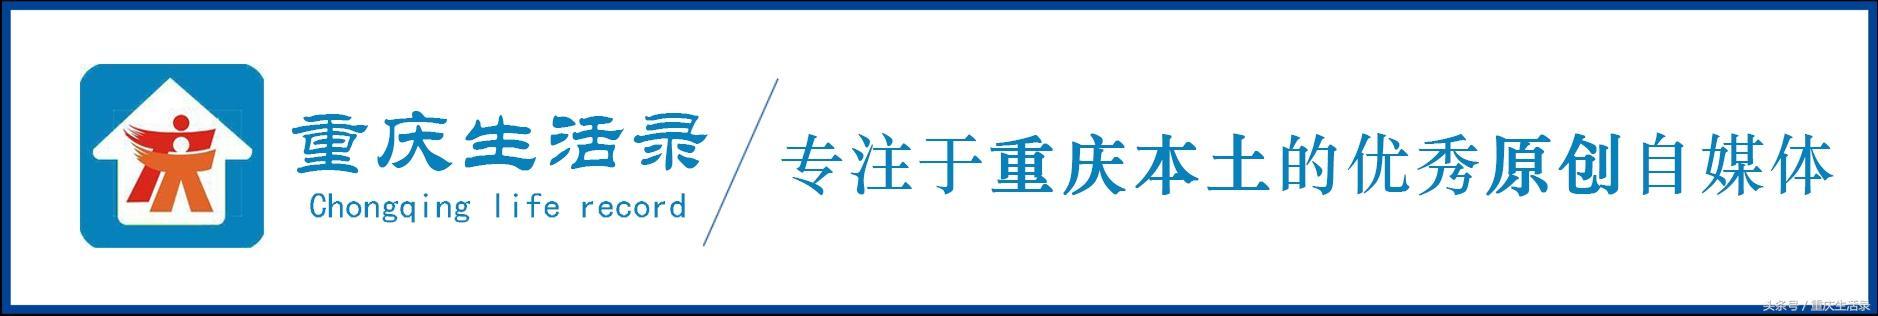 重庆影如画,重庆主城周边藏有一处美如画卷的景色,离大学城不到15公里